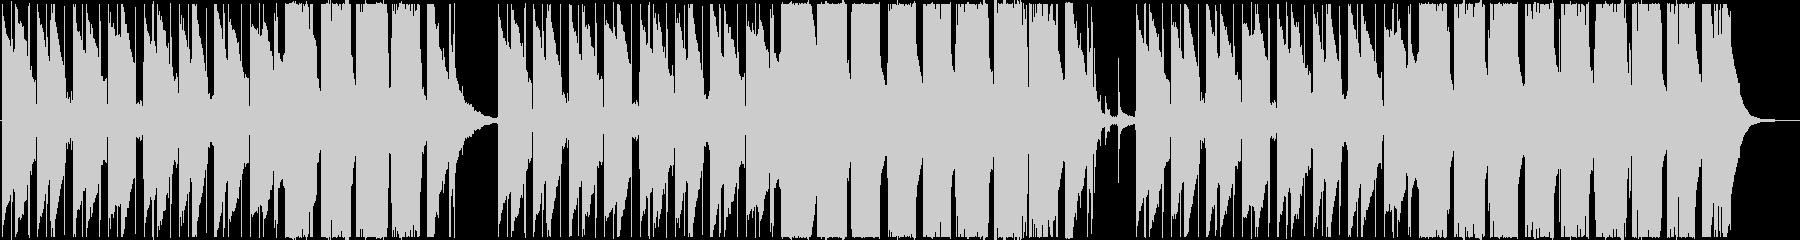 アジアンテイストのあるトラップの未再生の波形